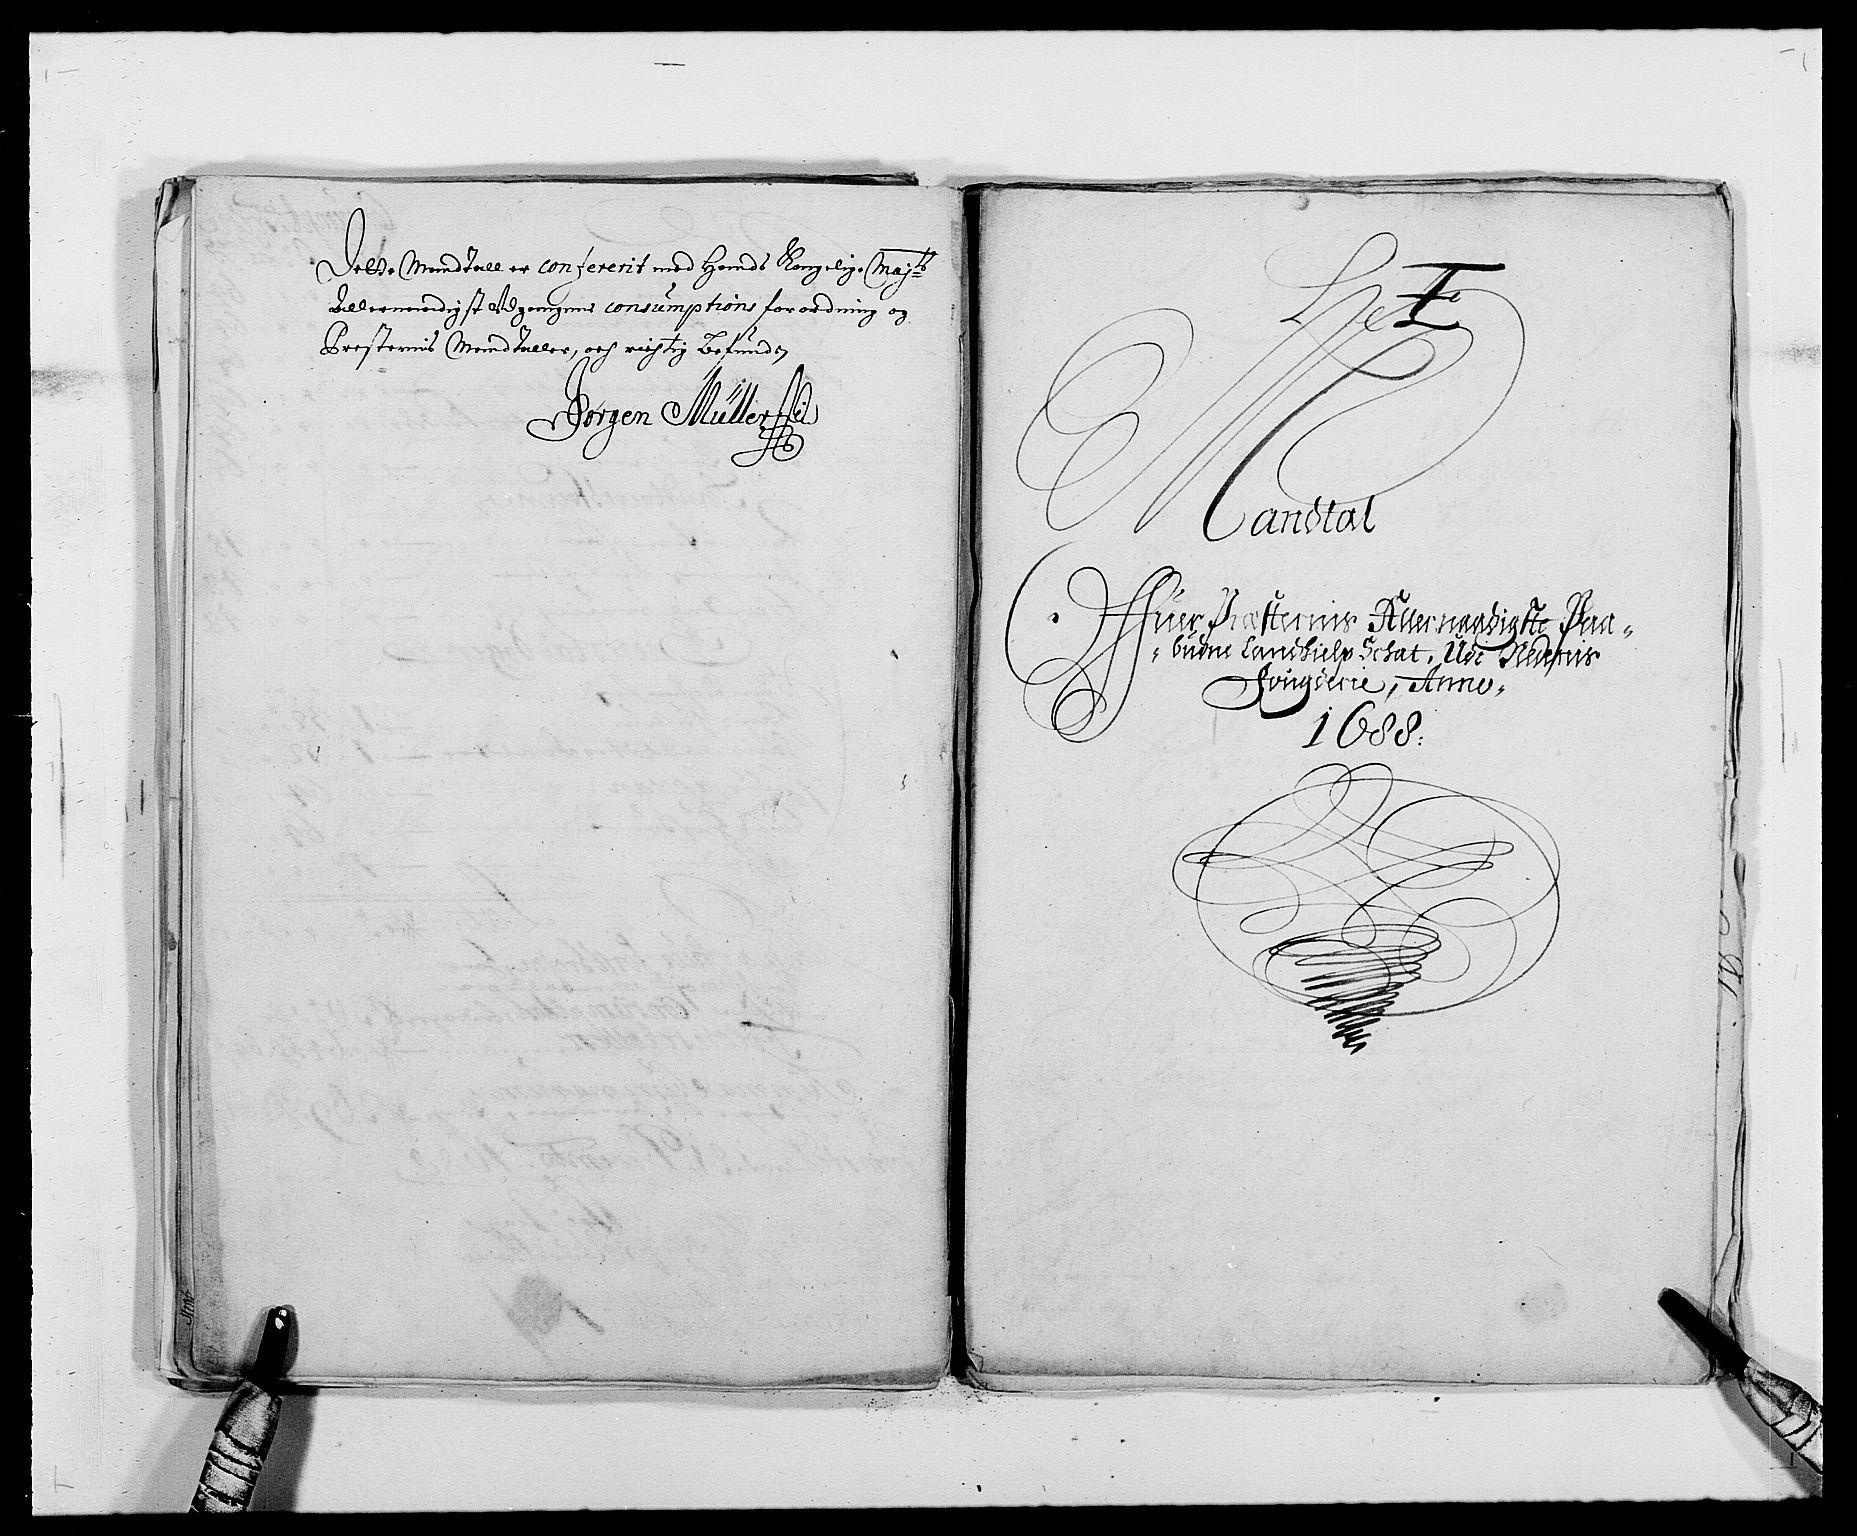 RA, Rentekammeret inntil 1814, Reviderte regnskaper, Fogderegnskap, R39/L2309: Fogderegnskap Nedenes, 1684-1689, s. 258